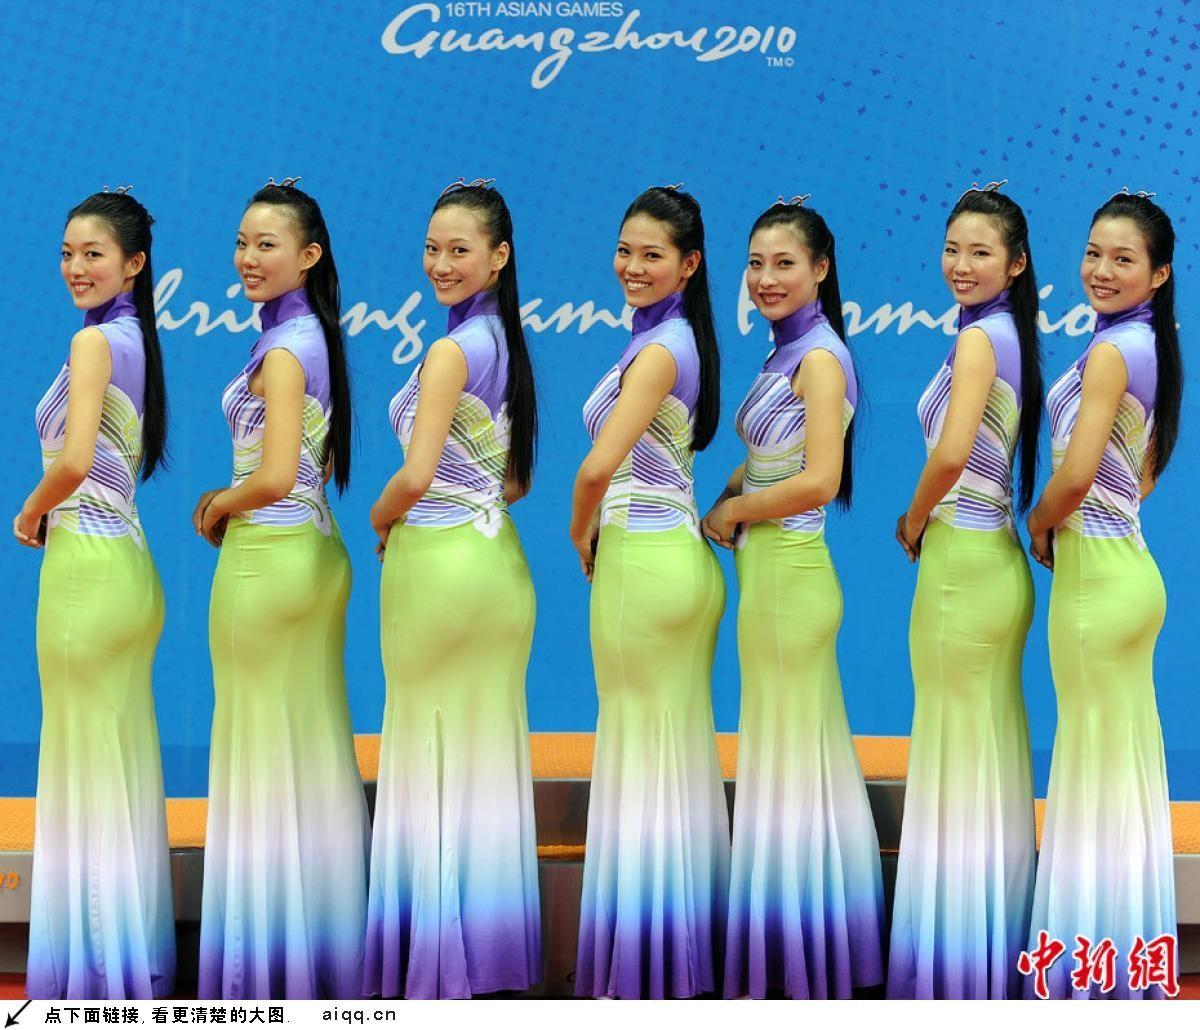 体坛流行中国风 性感旗袍衬托完美曲线(9)_要点